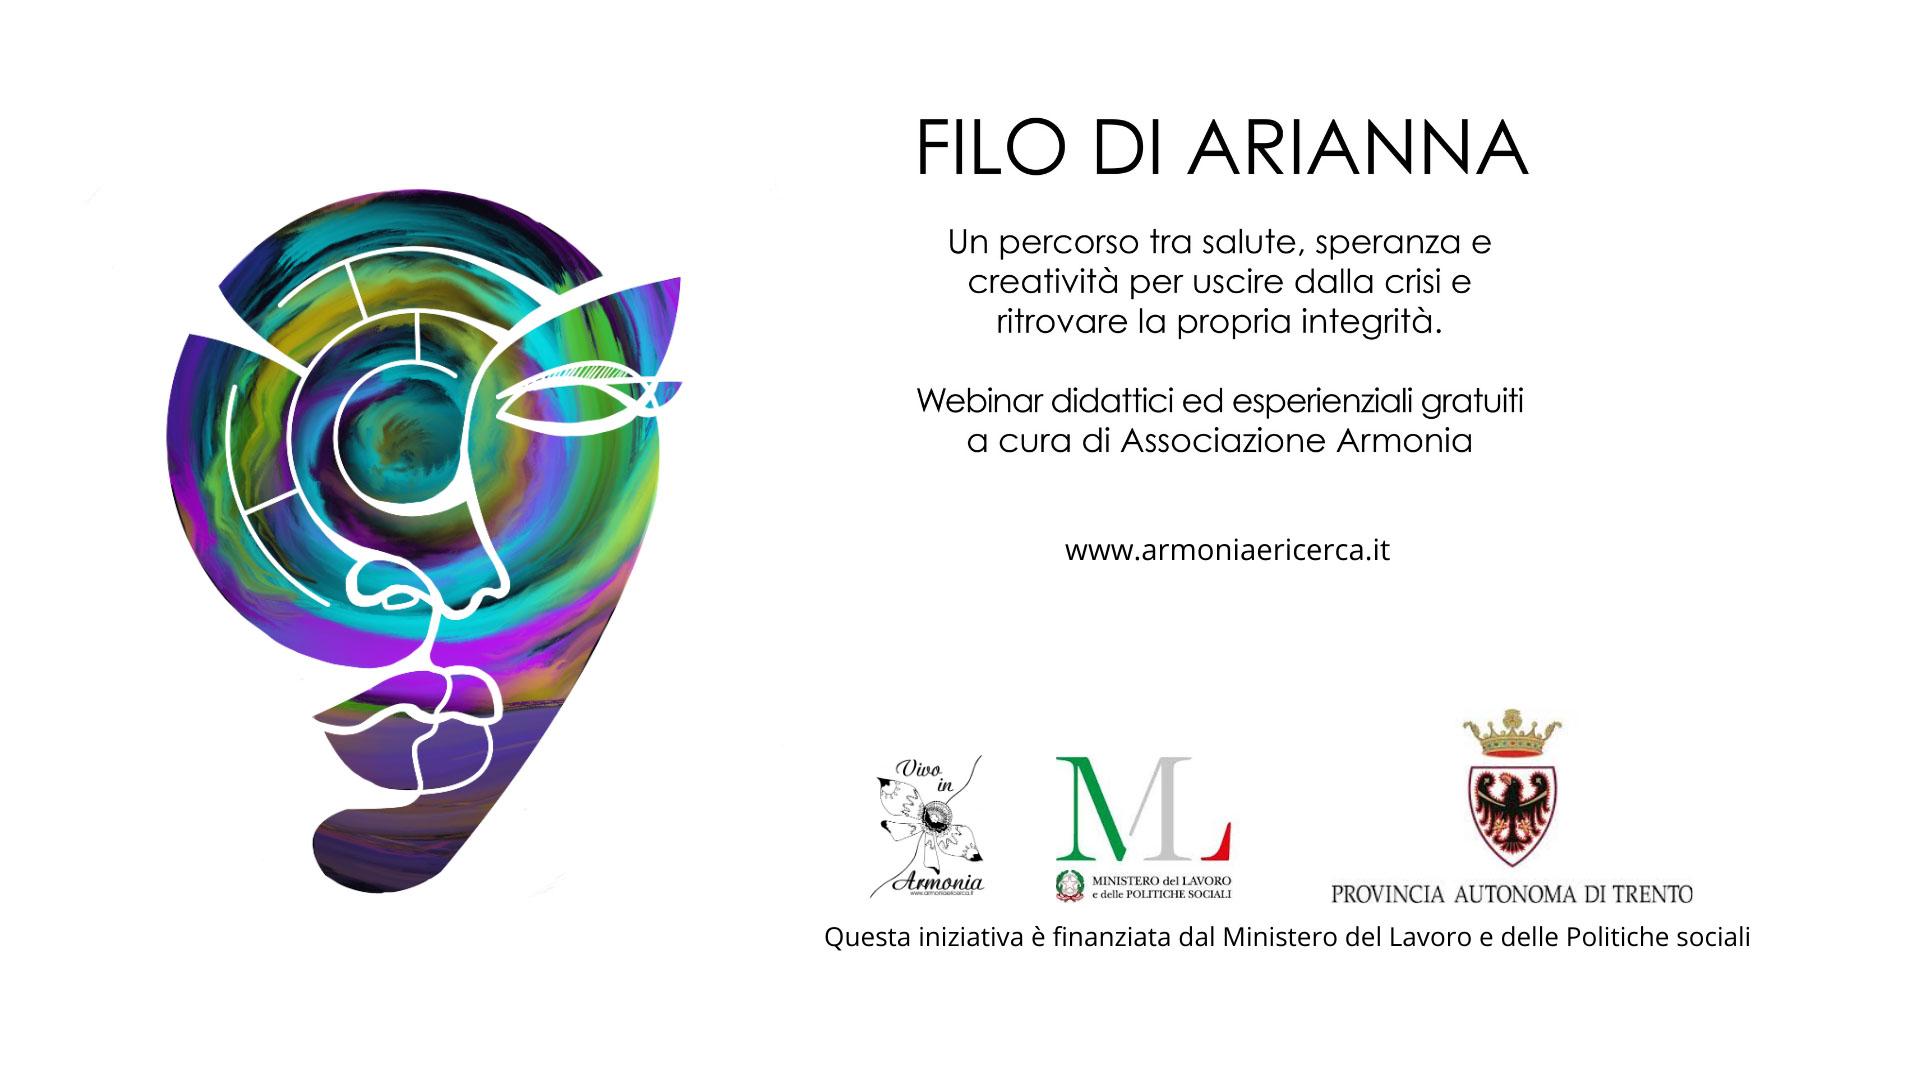 copertina-evento-progetto-filo-di arianna-associazione-armonia_